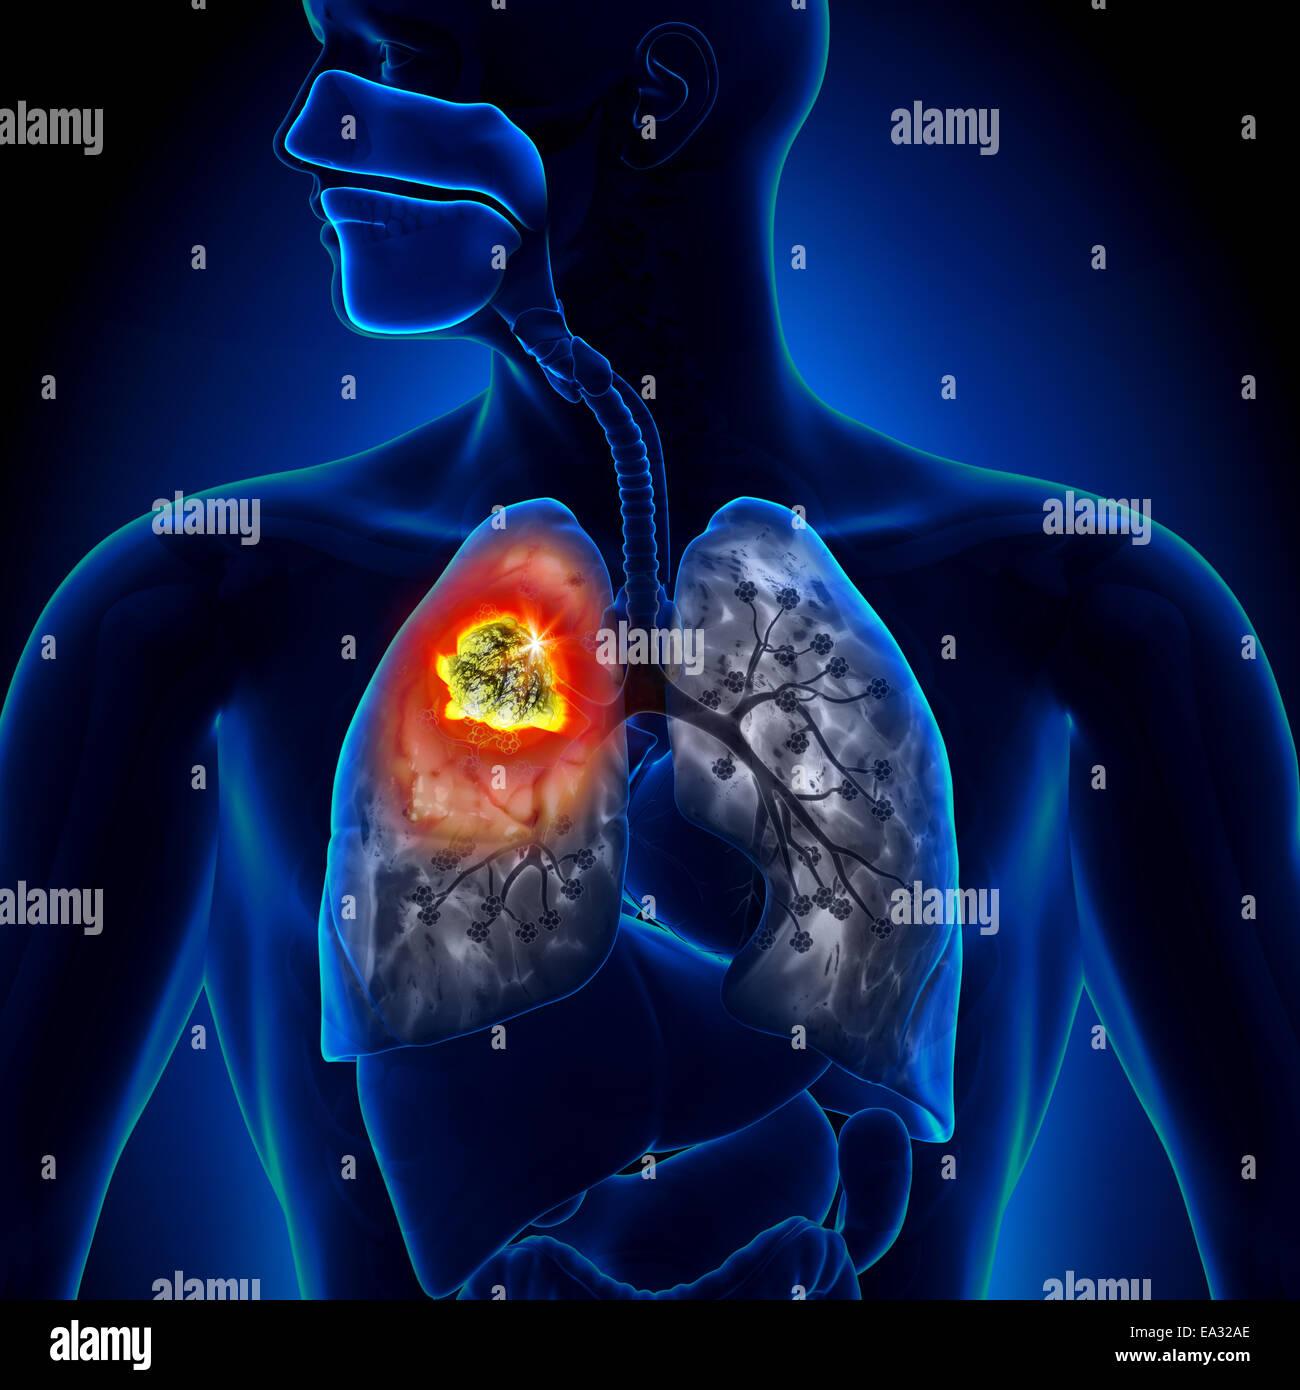 Lungs Anatomy Smoker Stock Photos & Lungs Anatomy Smoker Stock ...